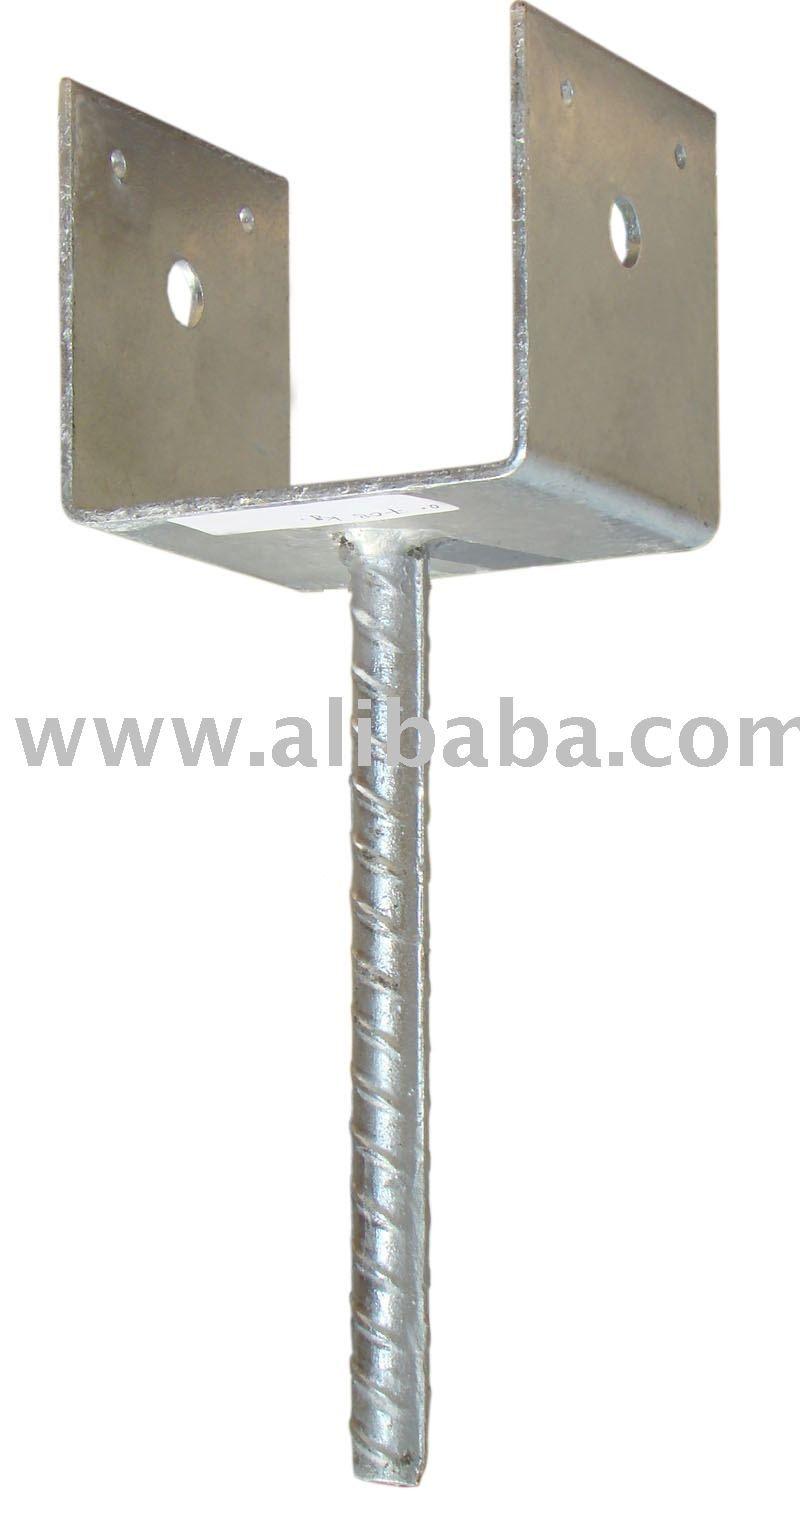 image result for 4x4 post brackets outdoors metal. Black Bedroom Furniture Sets. Home Design Ideas